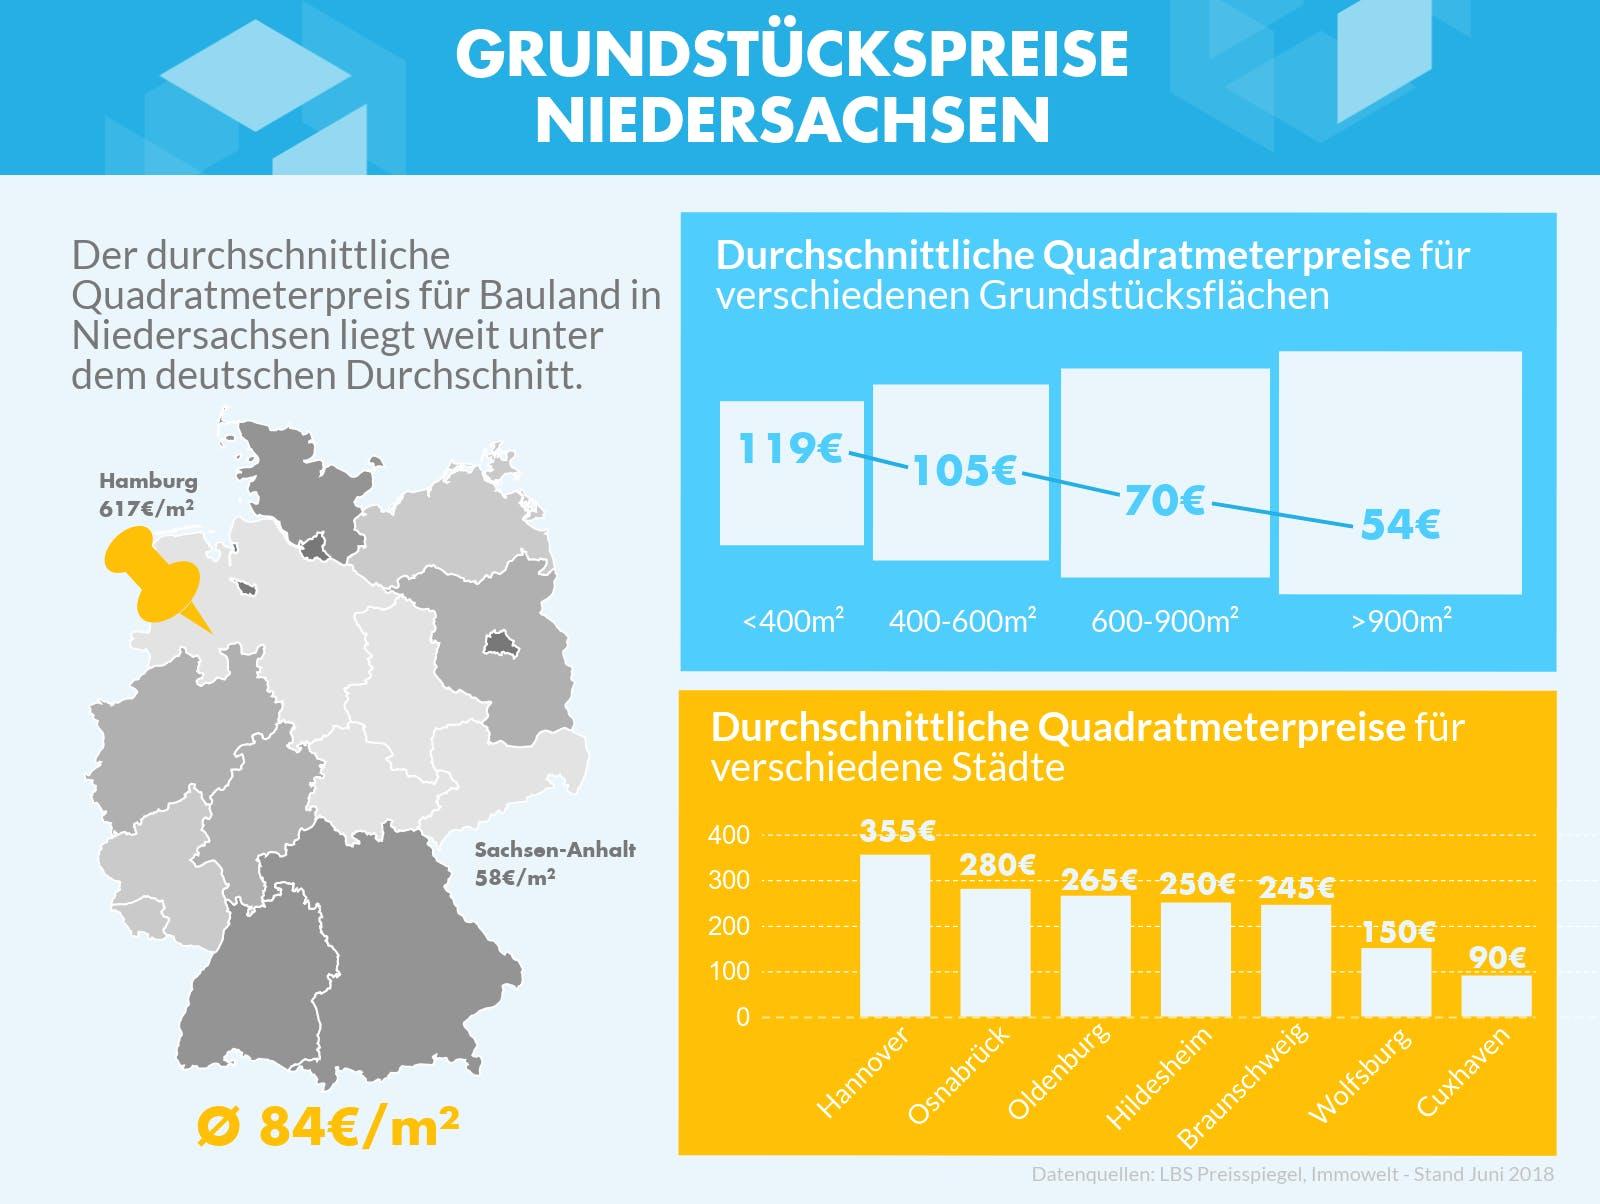 Infografik mit Grundstückspreisen für Niedersachsen